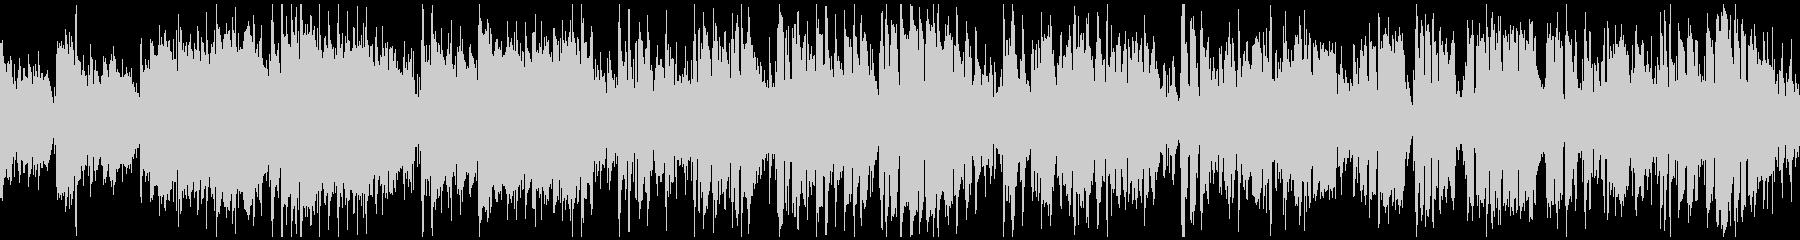 軽快に盛り上がるジャズサンバ ※ループ版の未再生の波形